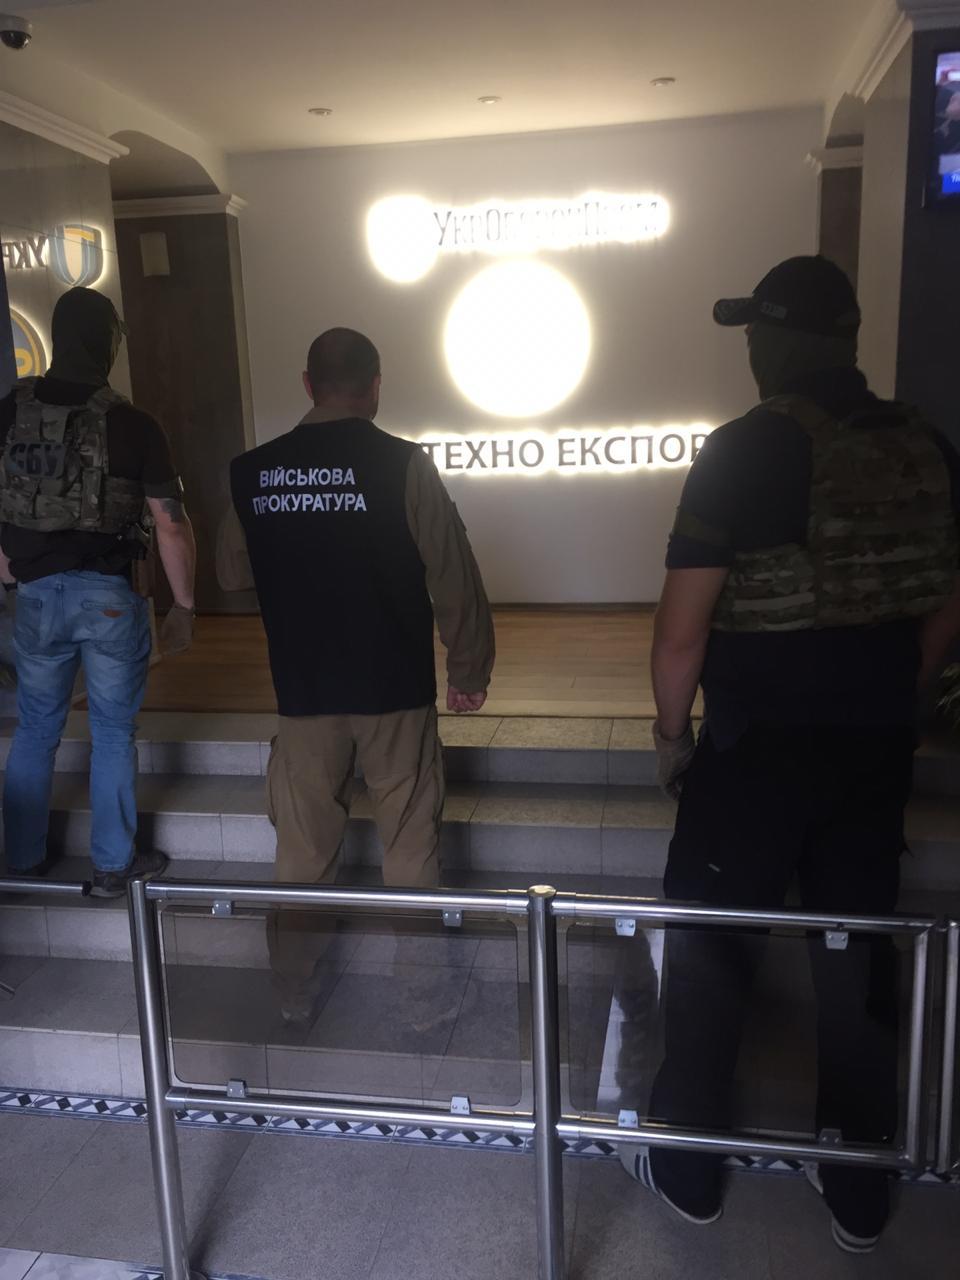 Скандальное хищение в оборонке: в Кабмин и другие госучреждения пришли с обыском